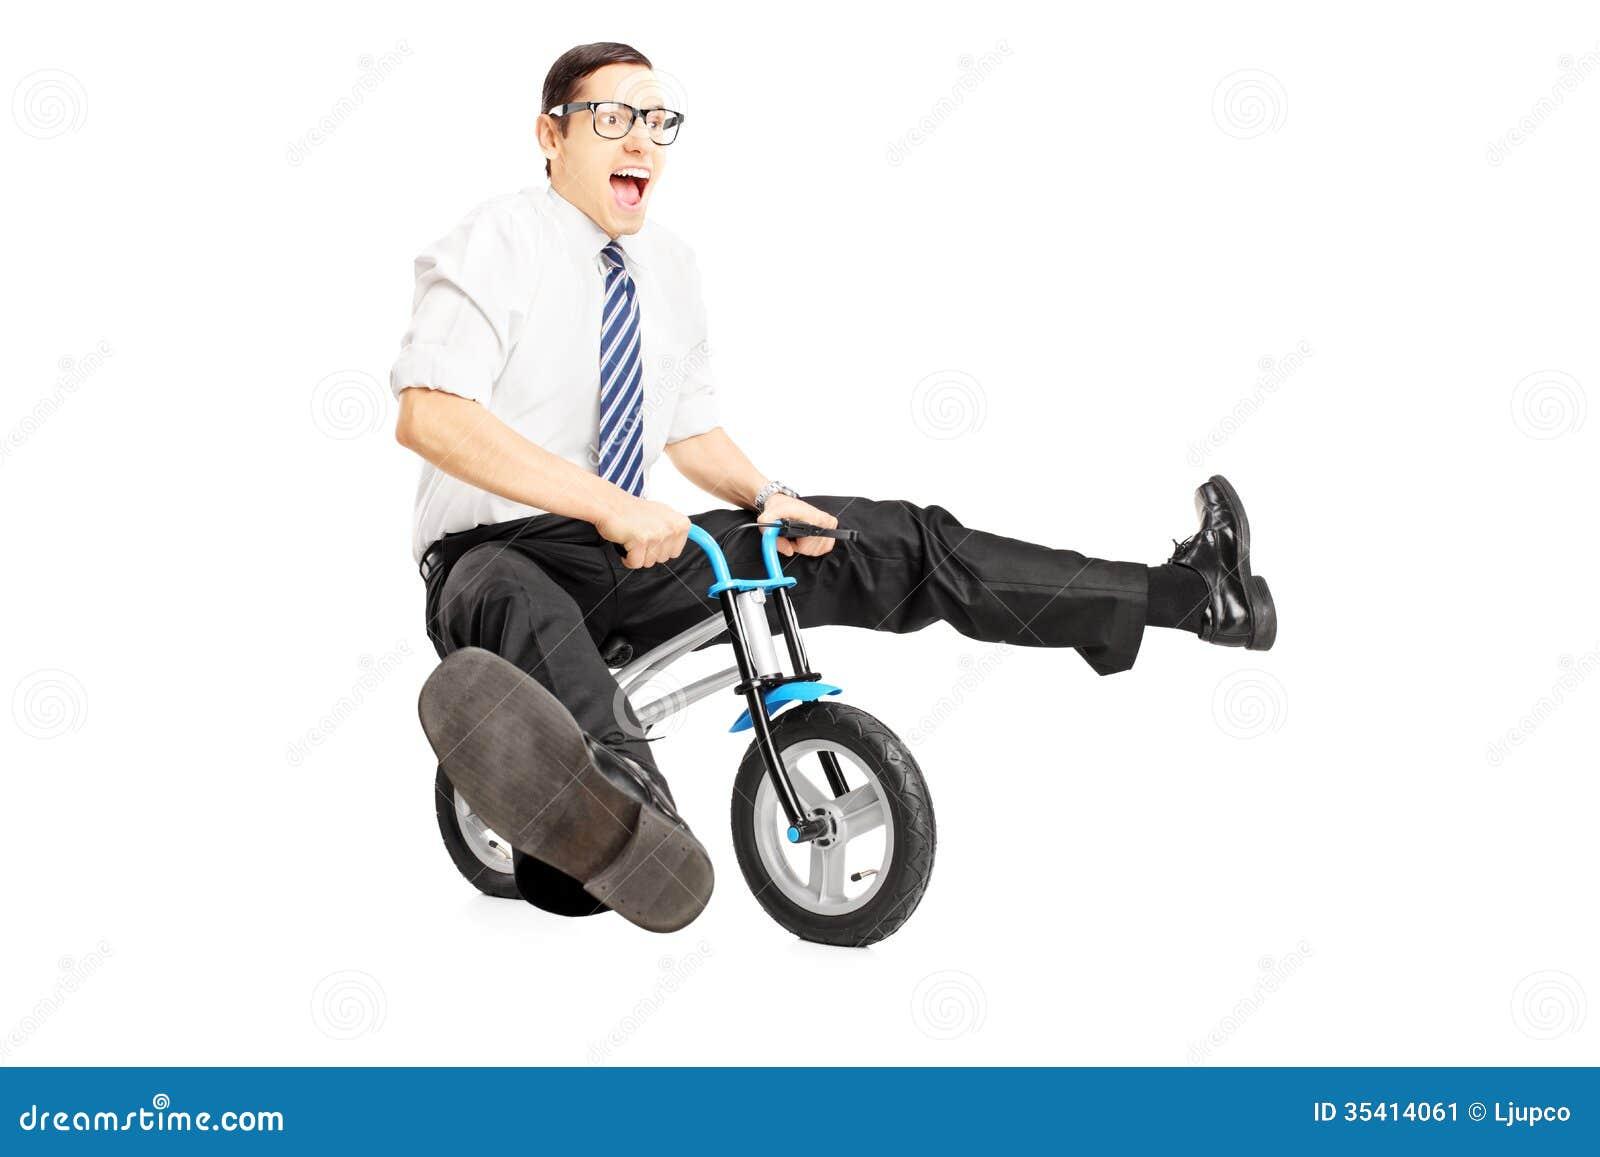 与骑一辆小自行车的领带的讨厌的年轻男性